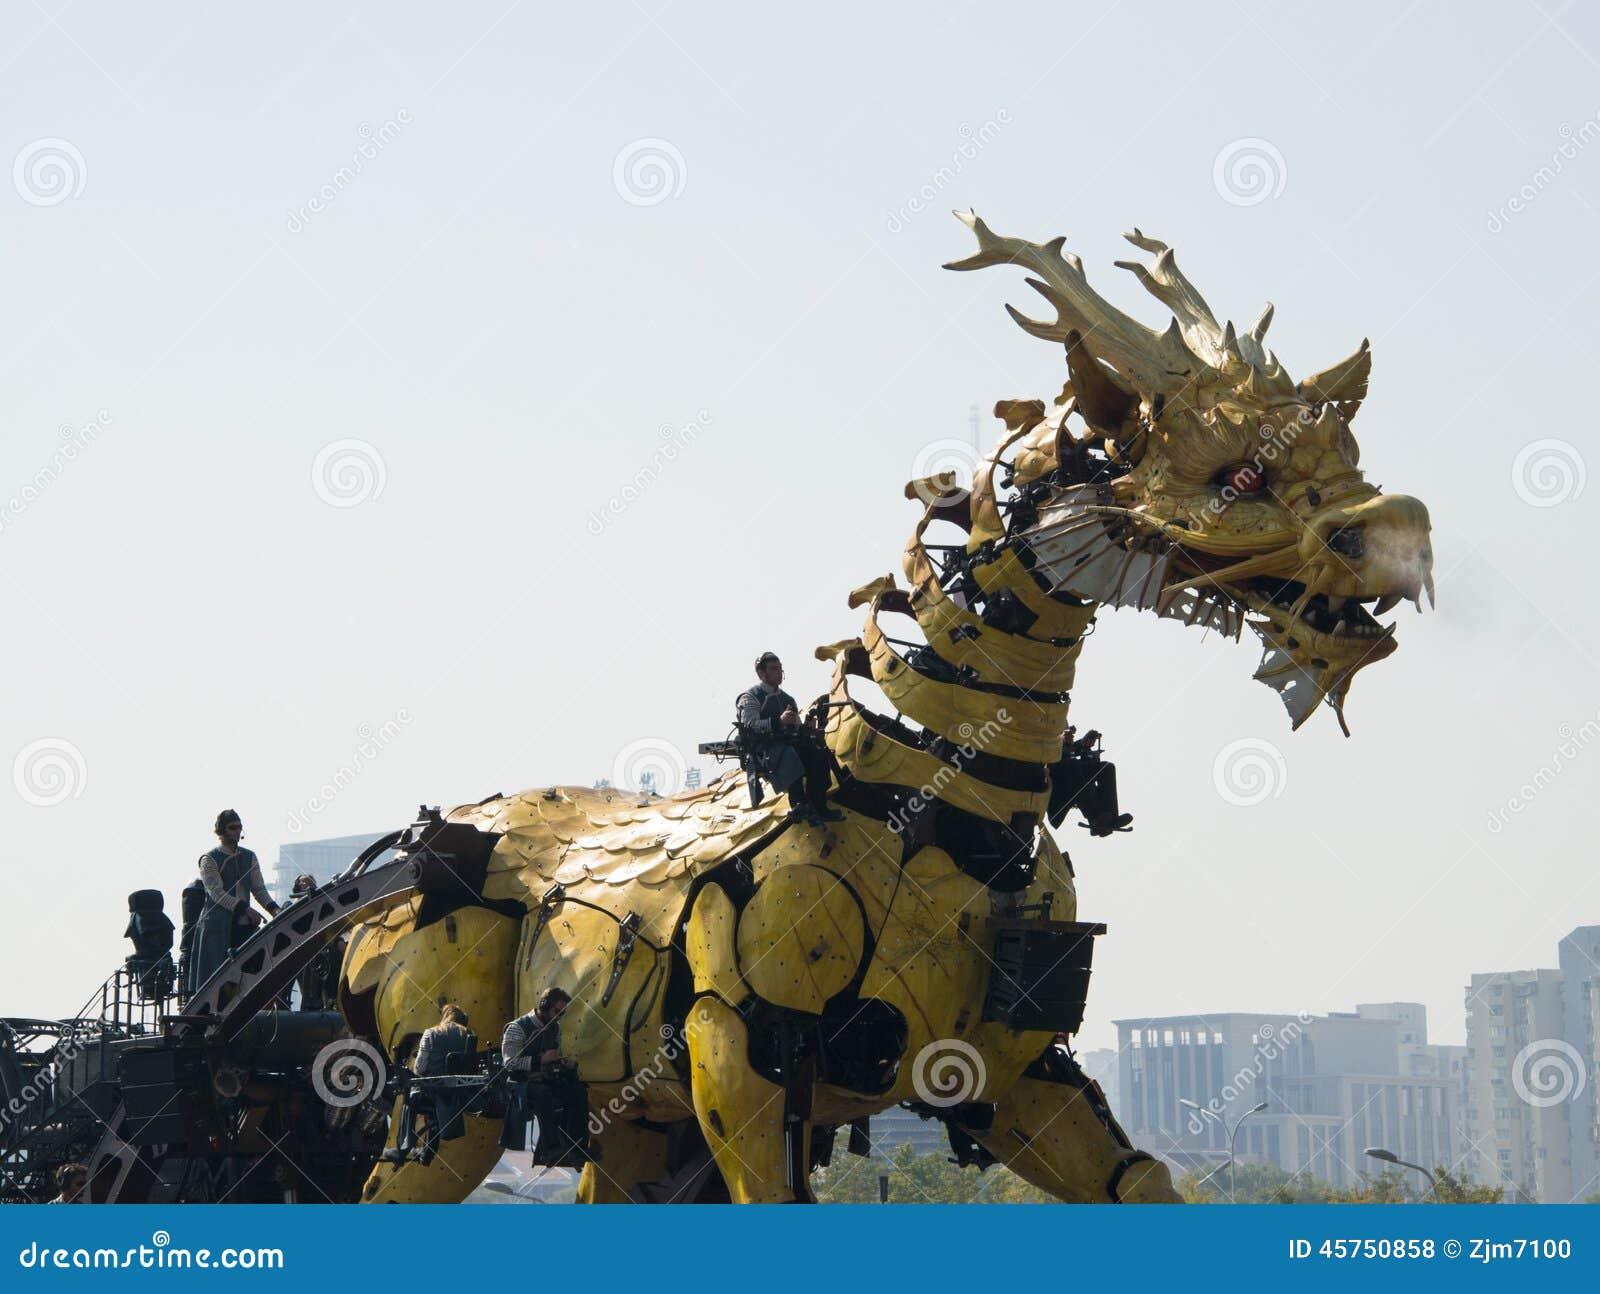 In Asia, la Cina, Pechino, parco olimpico, grandi prestazioni di parata del  del horse†del drago del macchinario della Francia